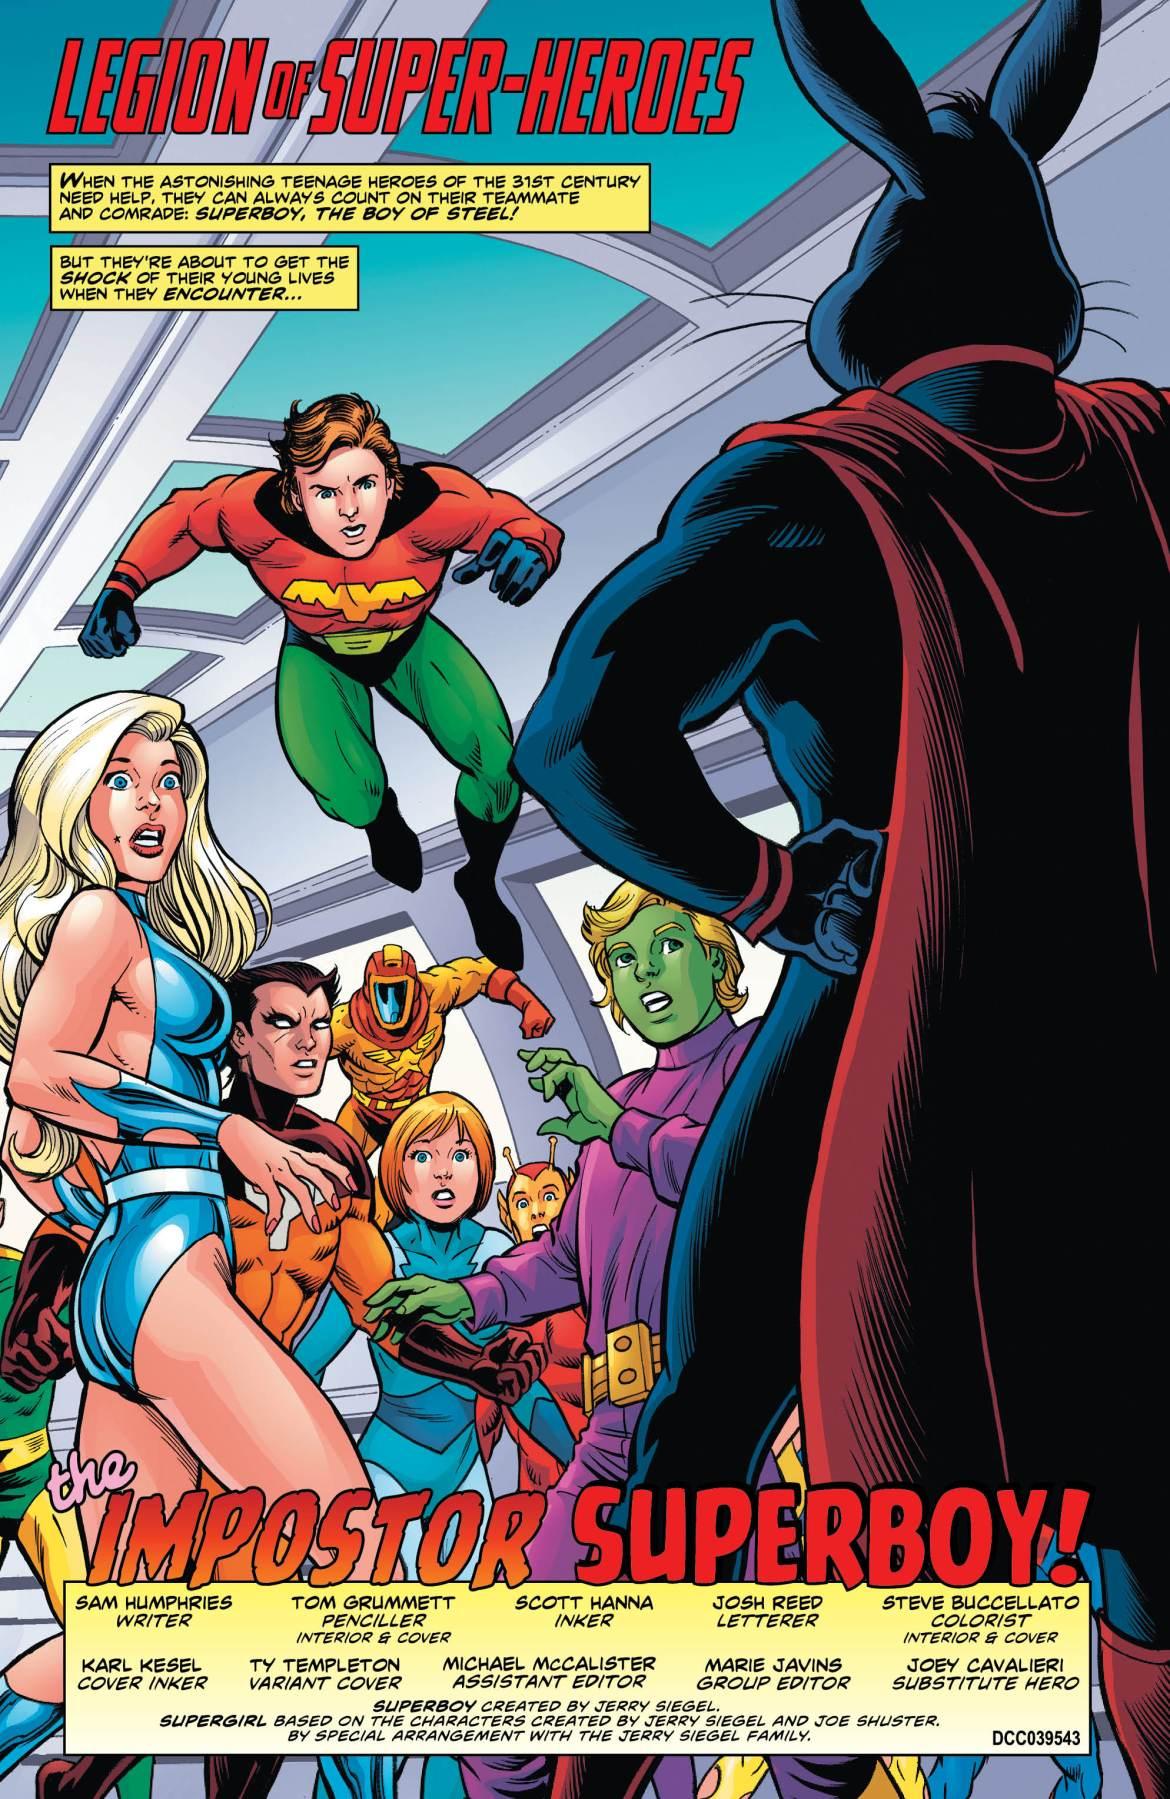 Legion of Super-Heroes Bugs Bunny 1 - DC Comics News